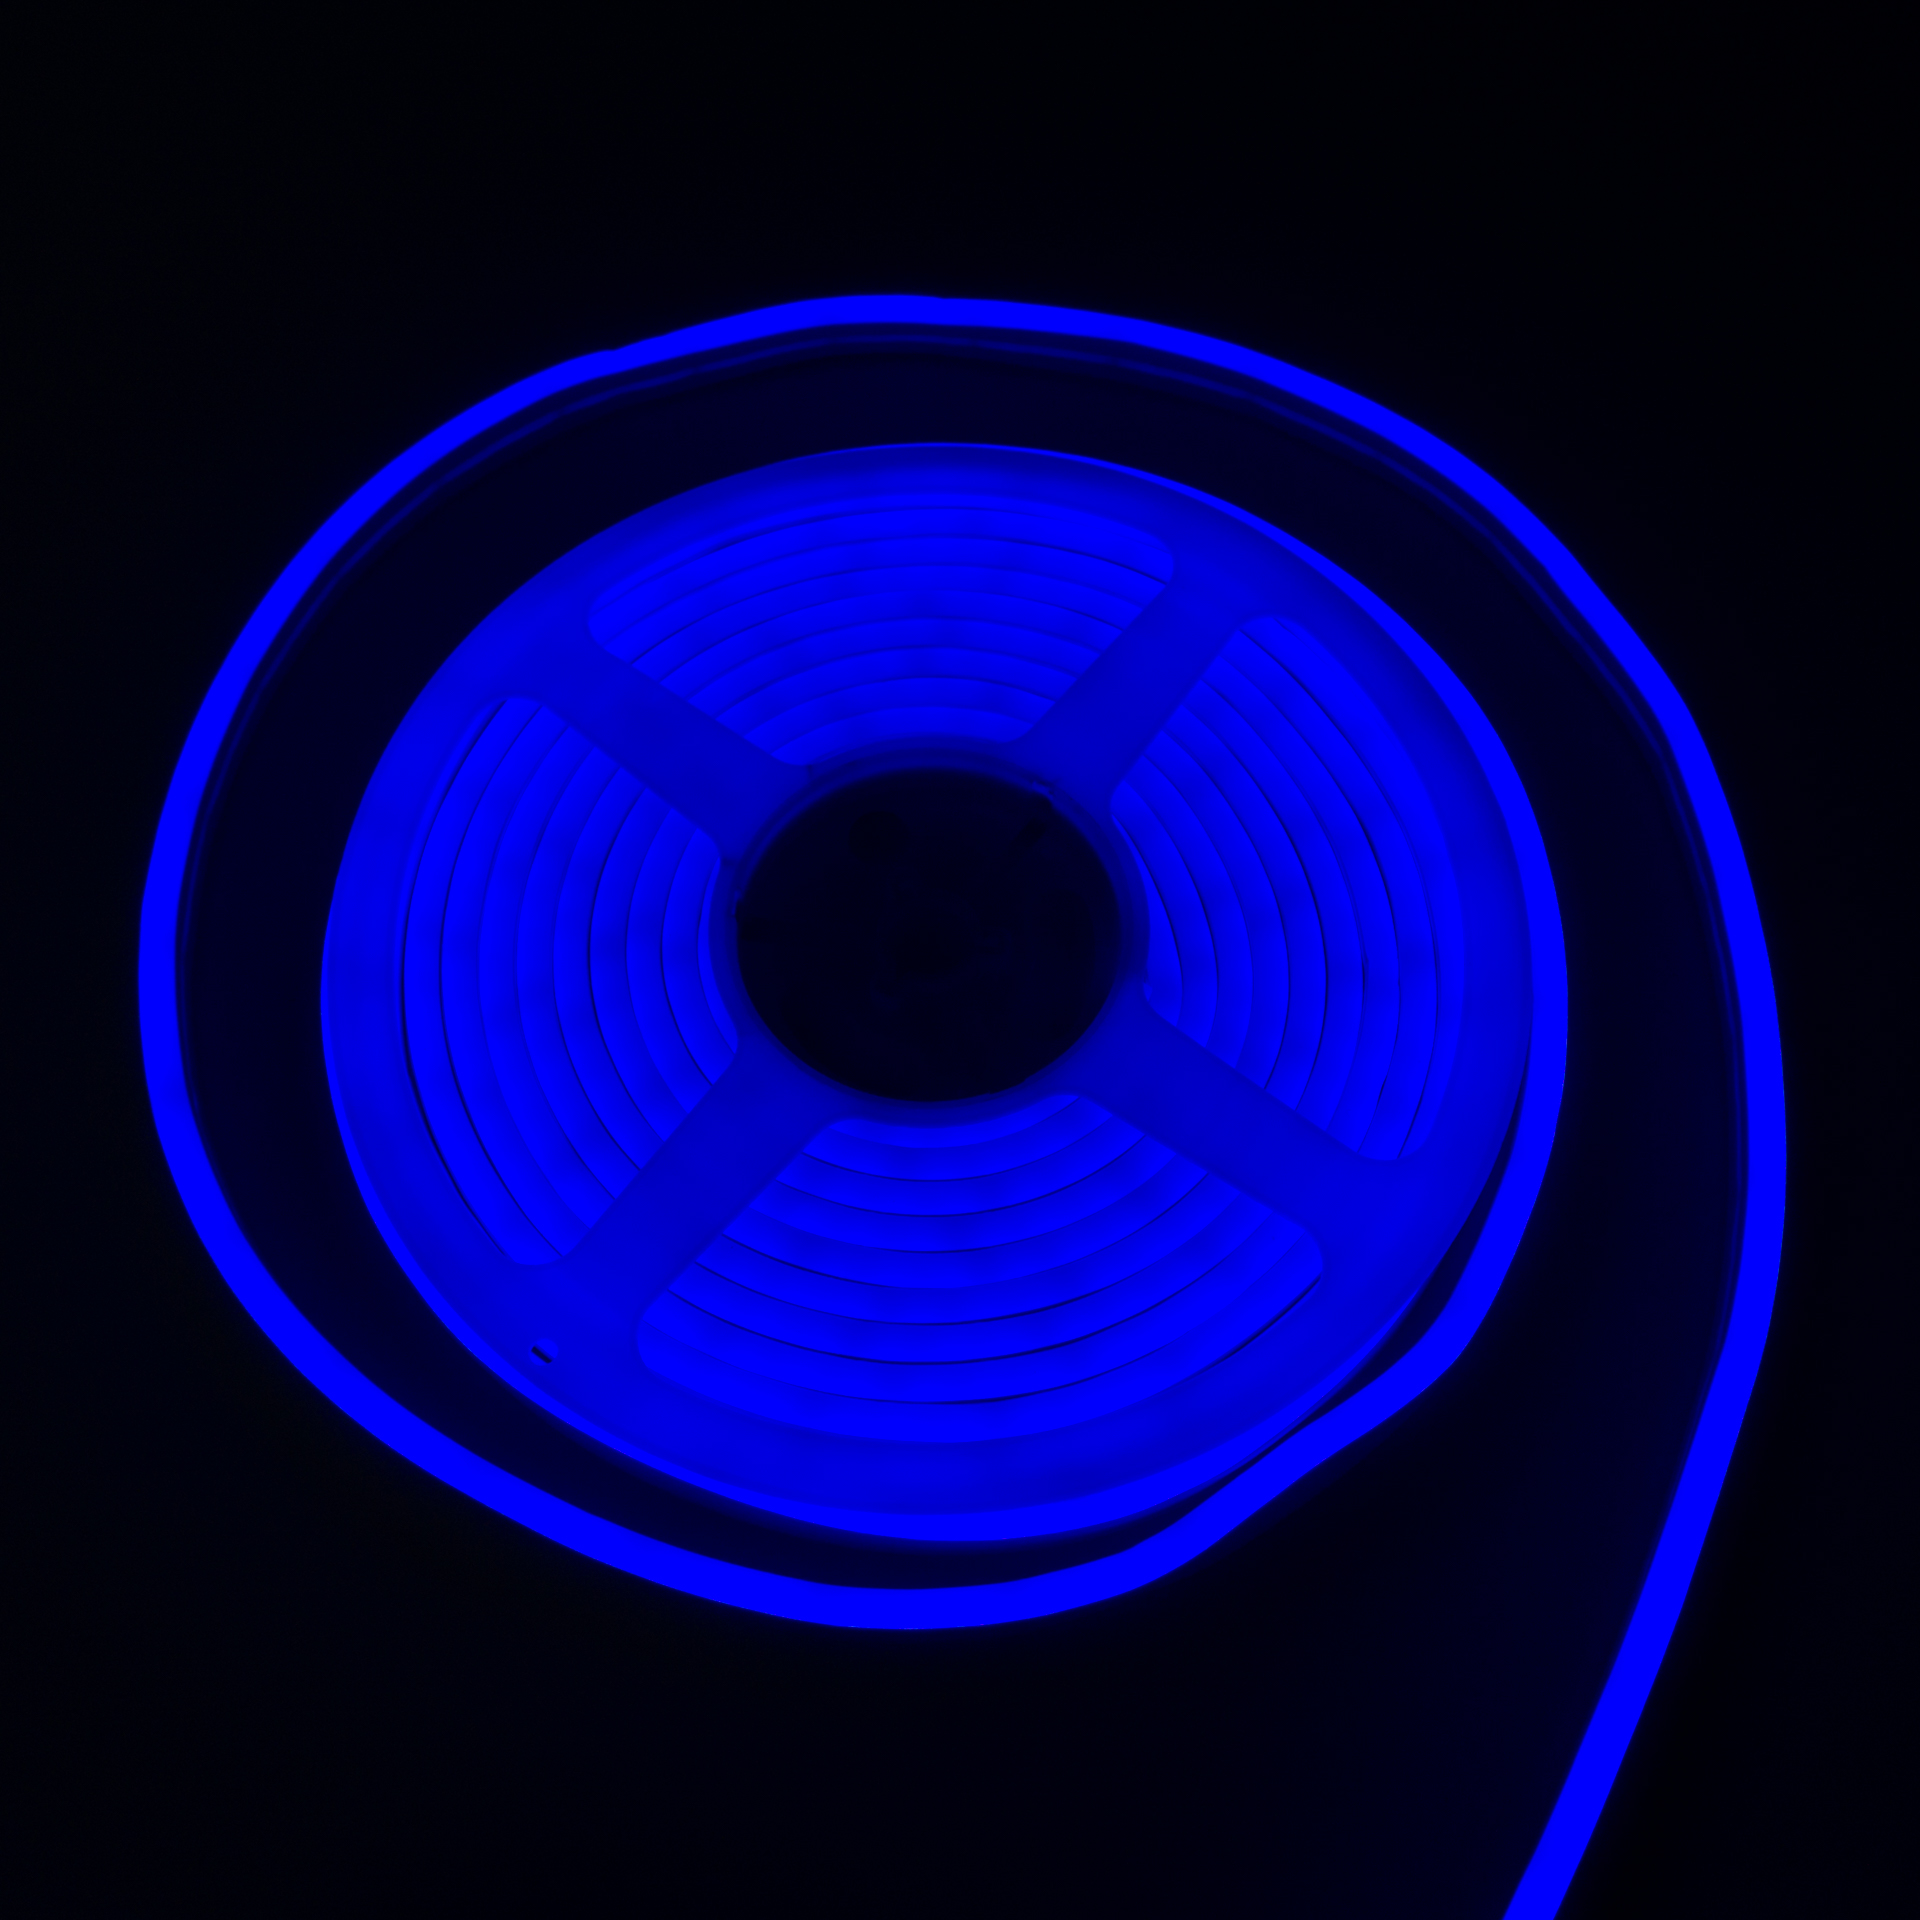 LED Neon Flex IP65 12V Kék Flexibilis Neon Csík Dimmelhető LN-512B